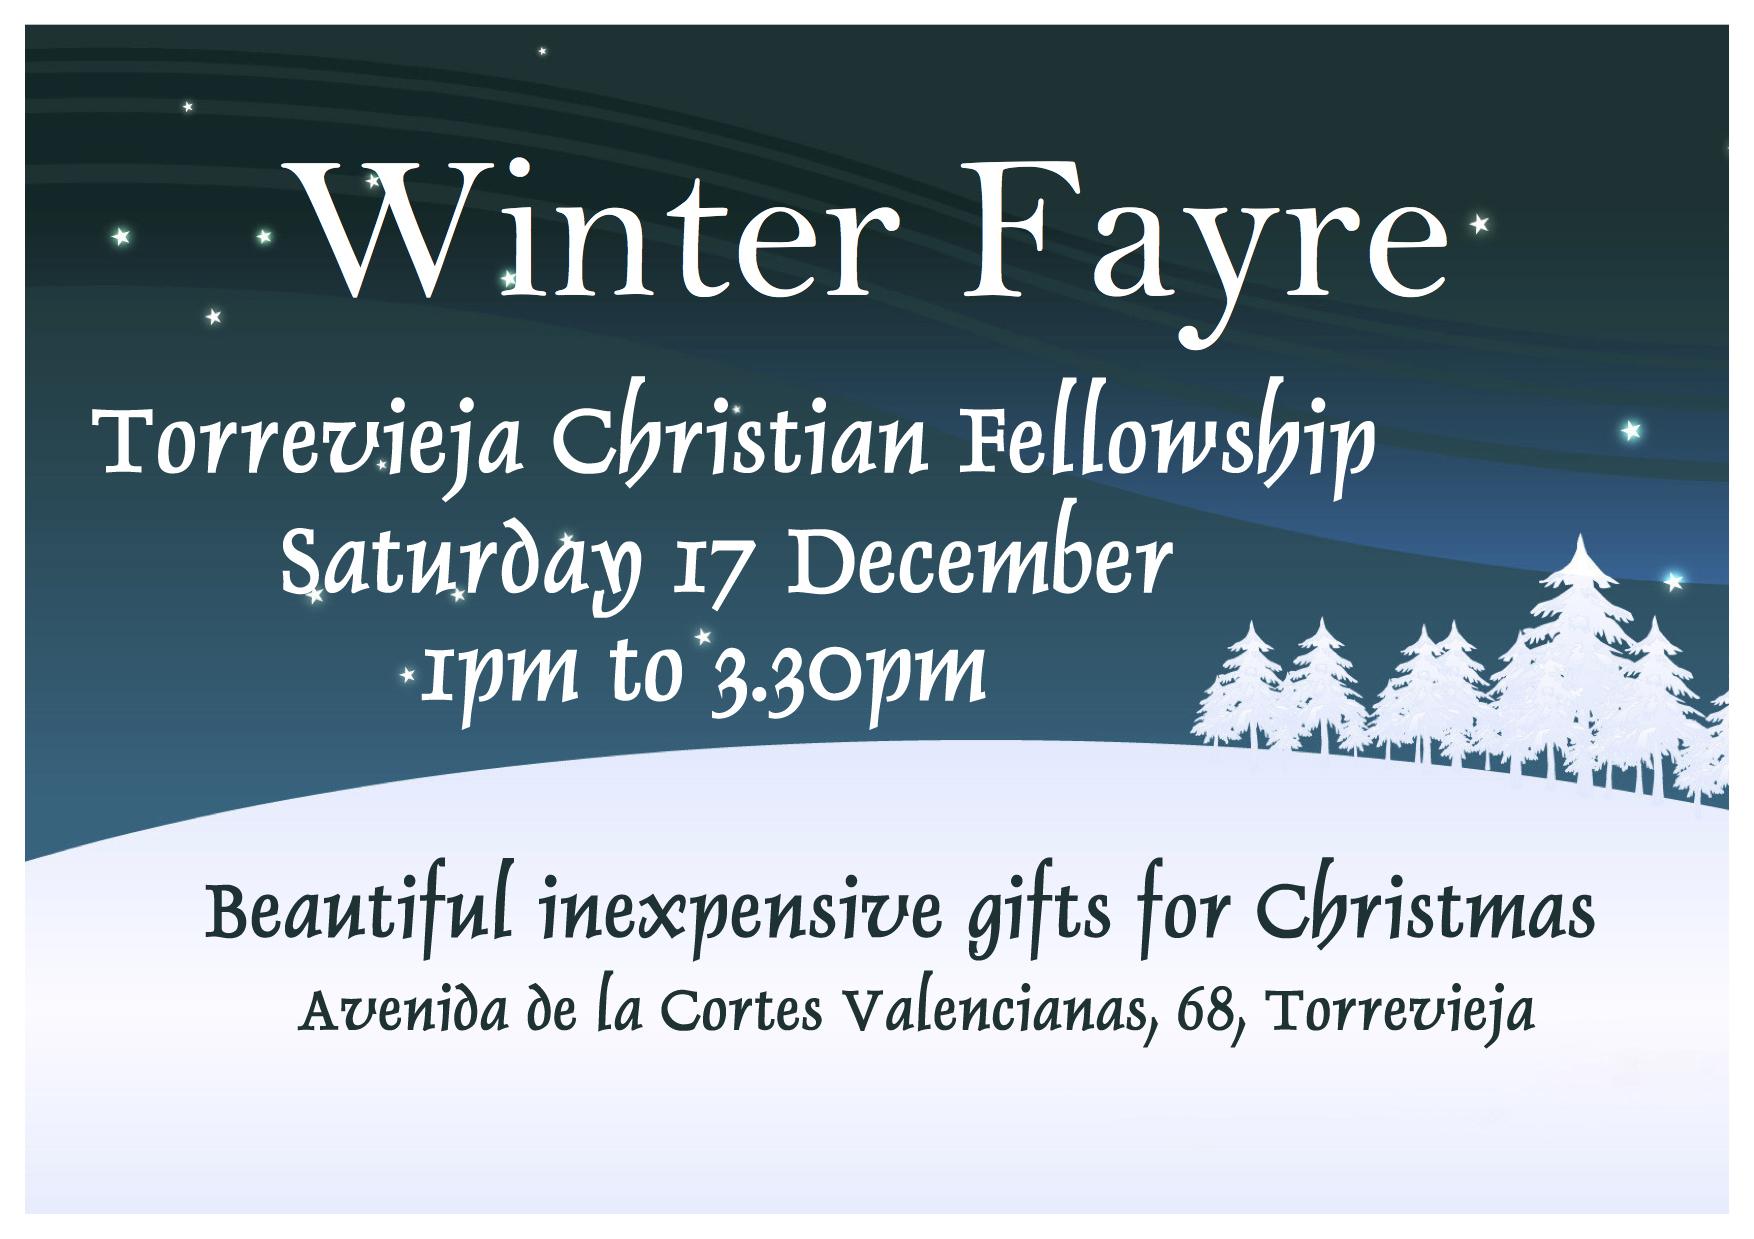 TCF Winter Fayre